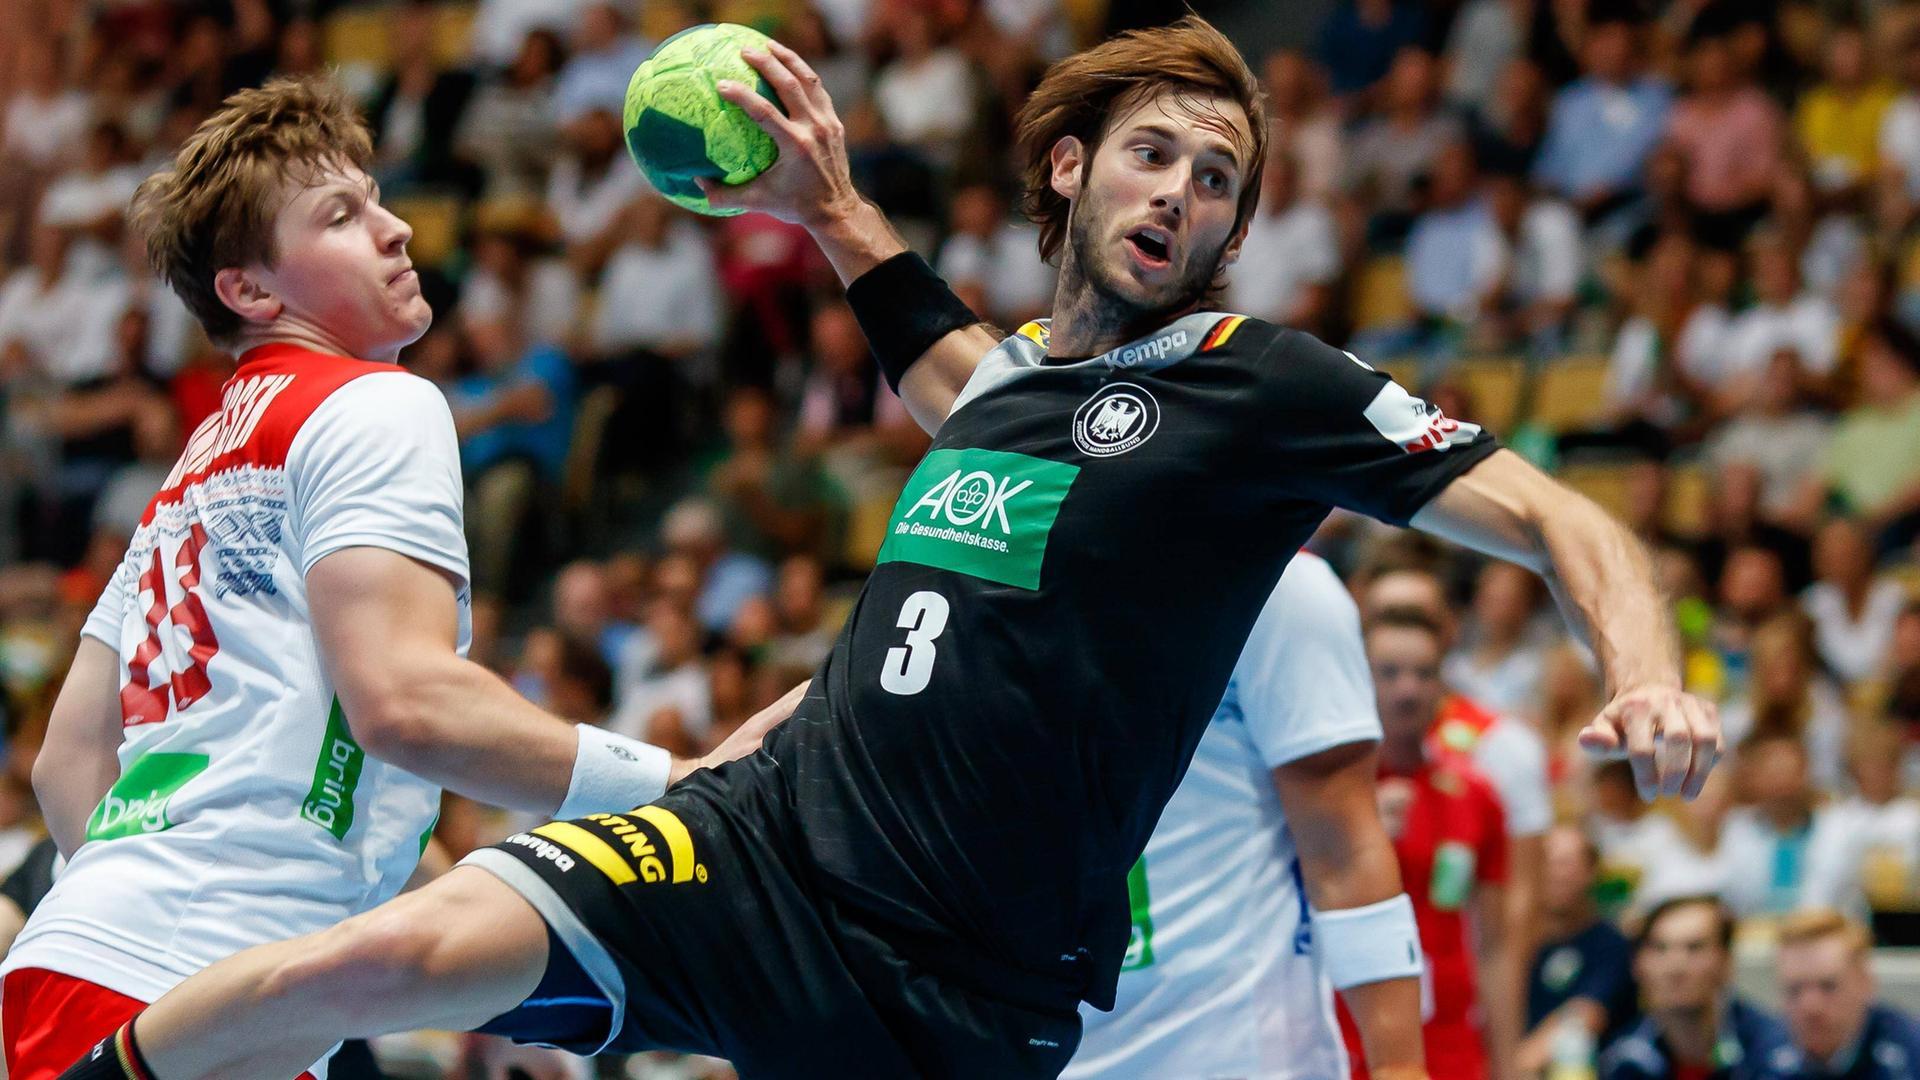 Handball Die Deutschen Em Quali Gegner Zdfmediathek